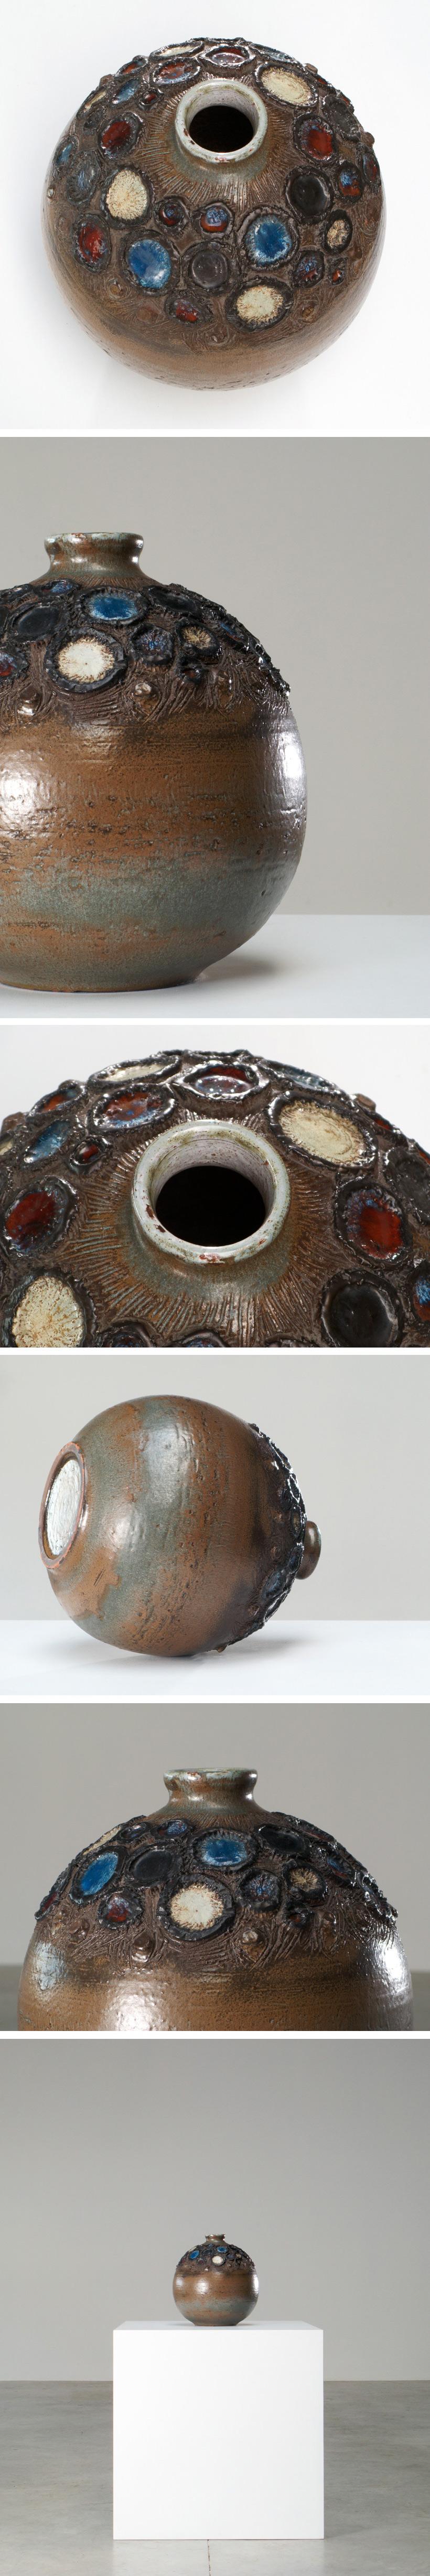 Perignem round shaped vase Belgian Ceramic Large